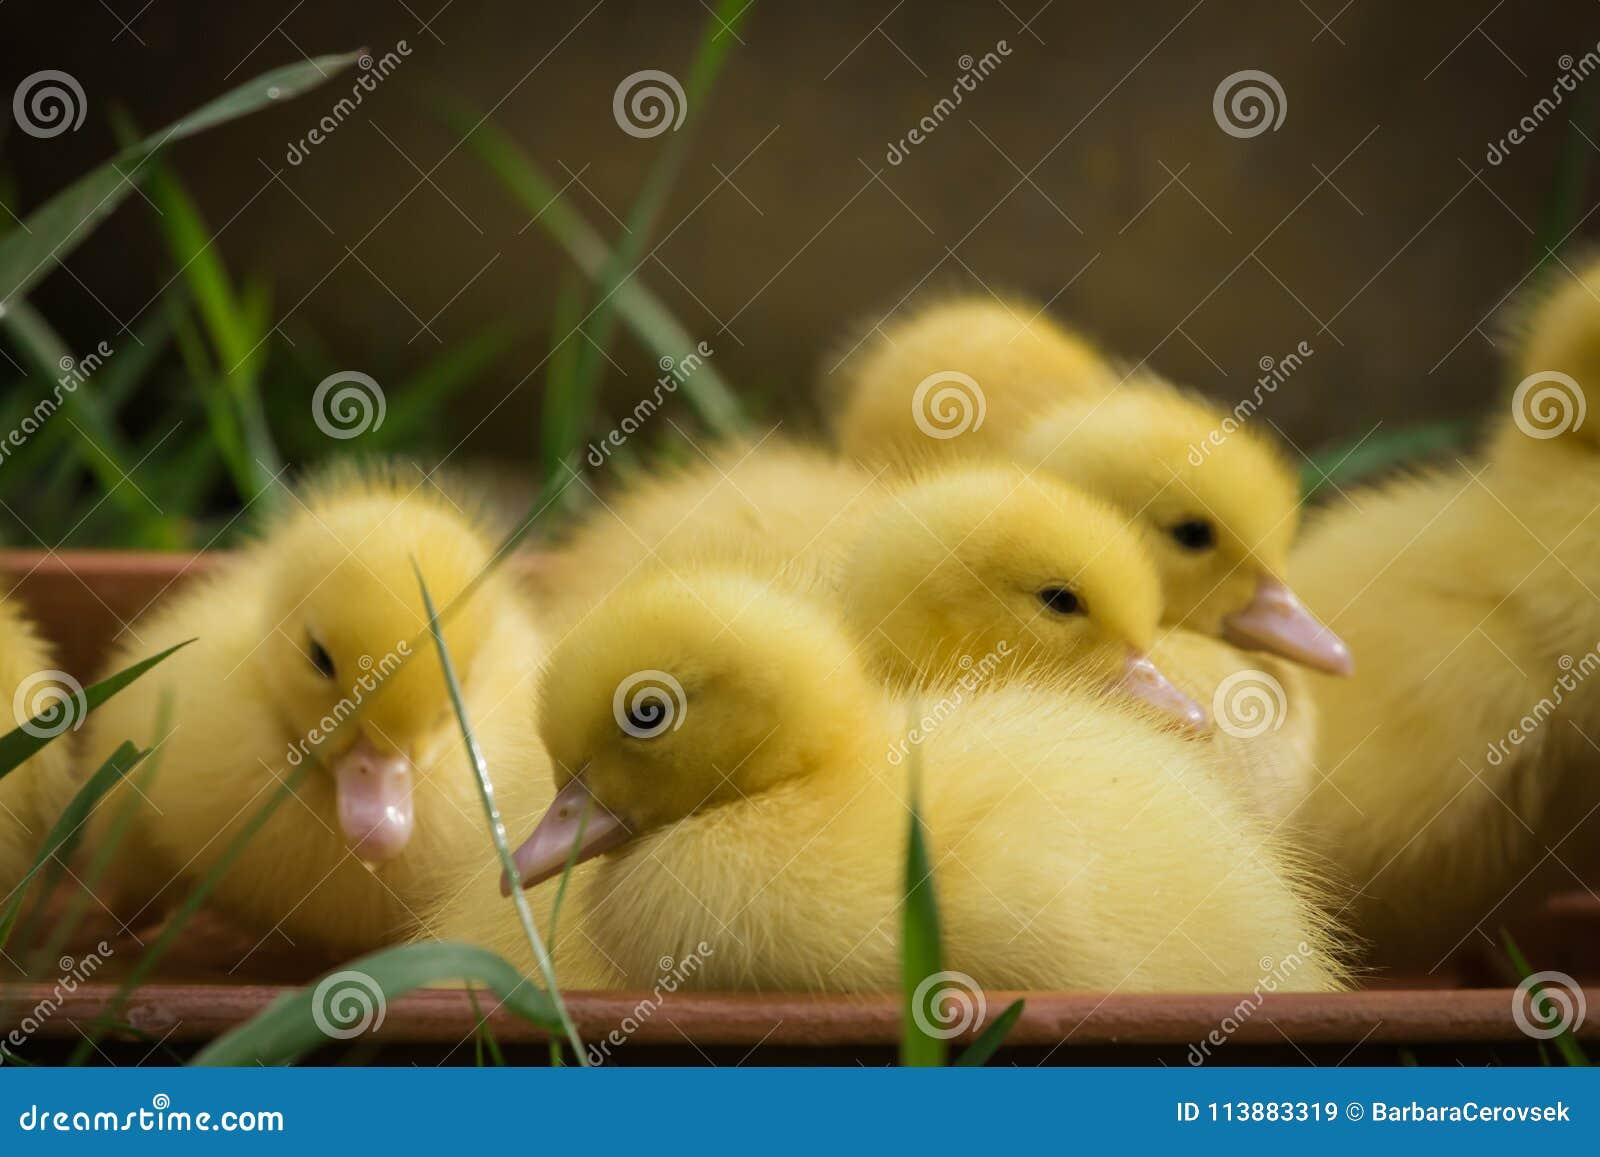 Gruppe nette gelbe flaumige Entlein im grünen Gras des Frühjahres, Tierfamilienkonzept